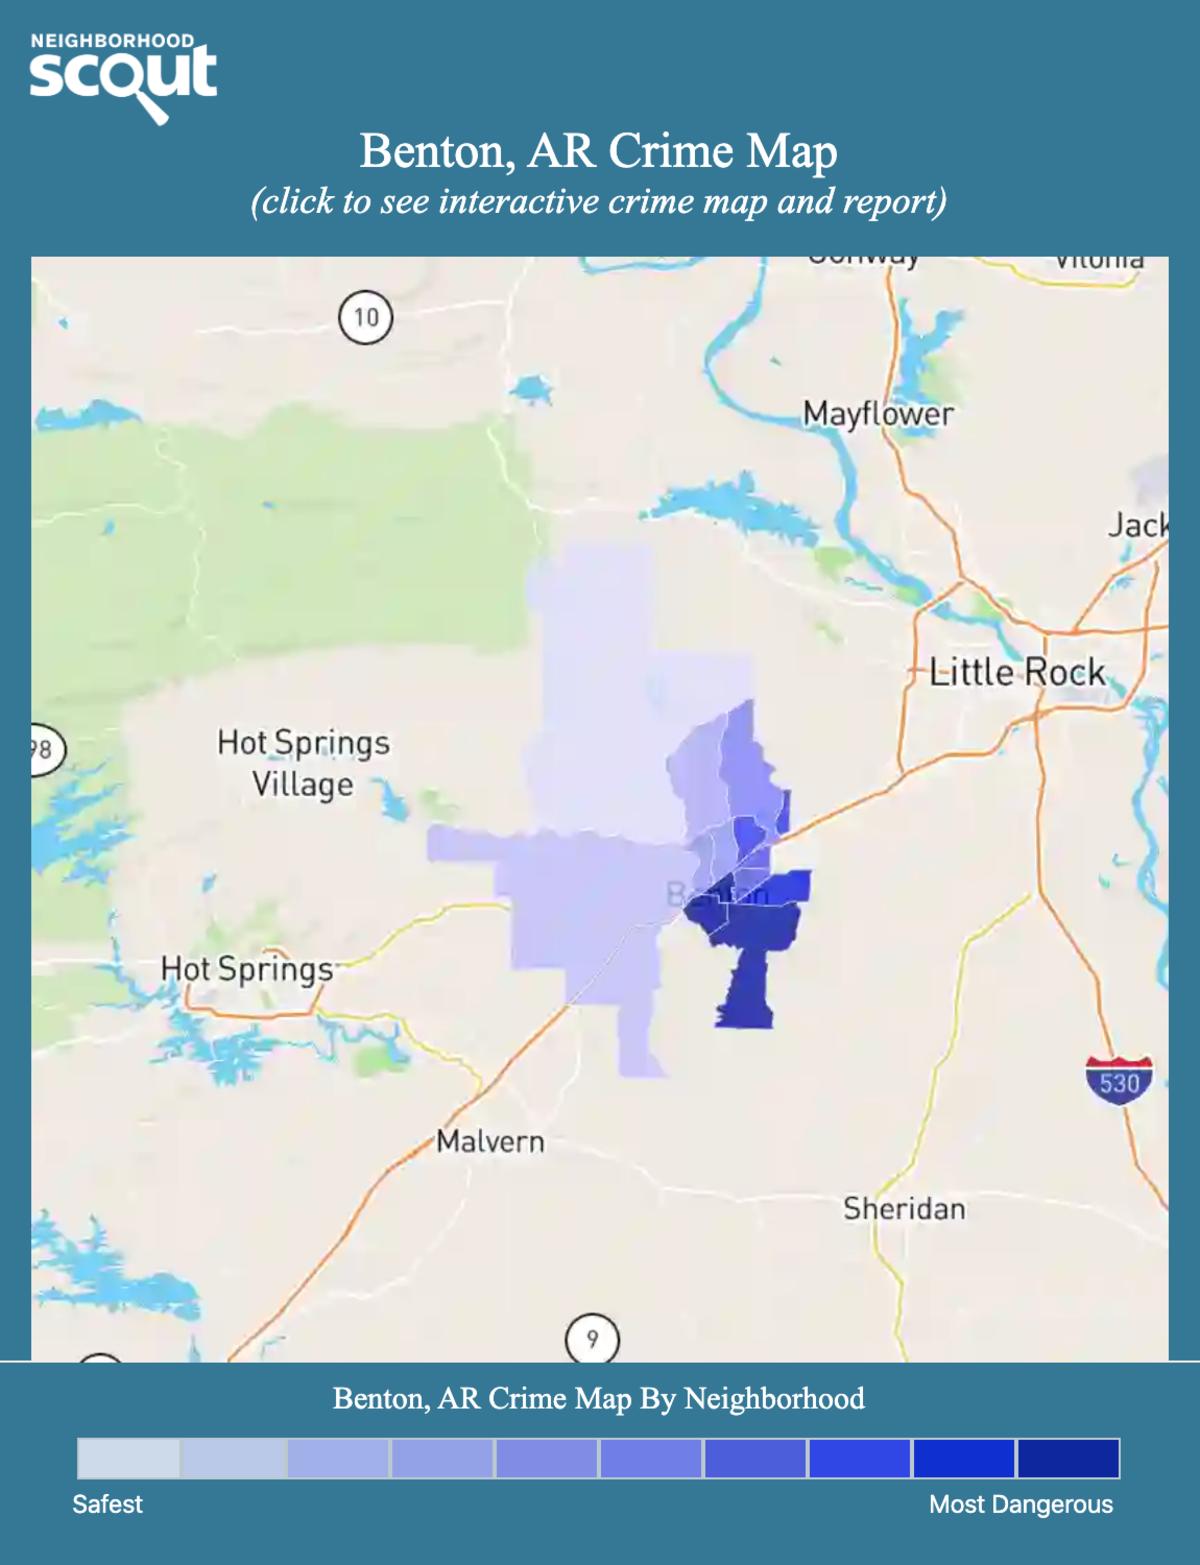 Benton, Arkansas crime map